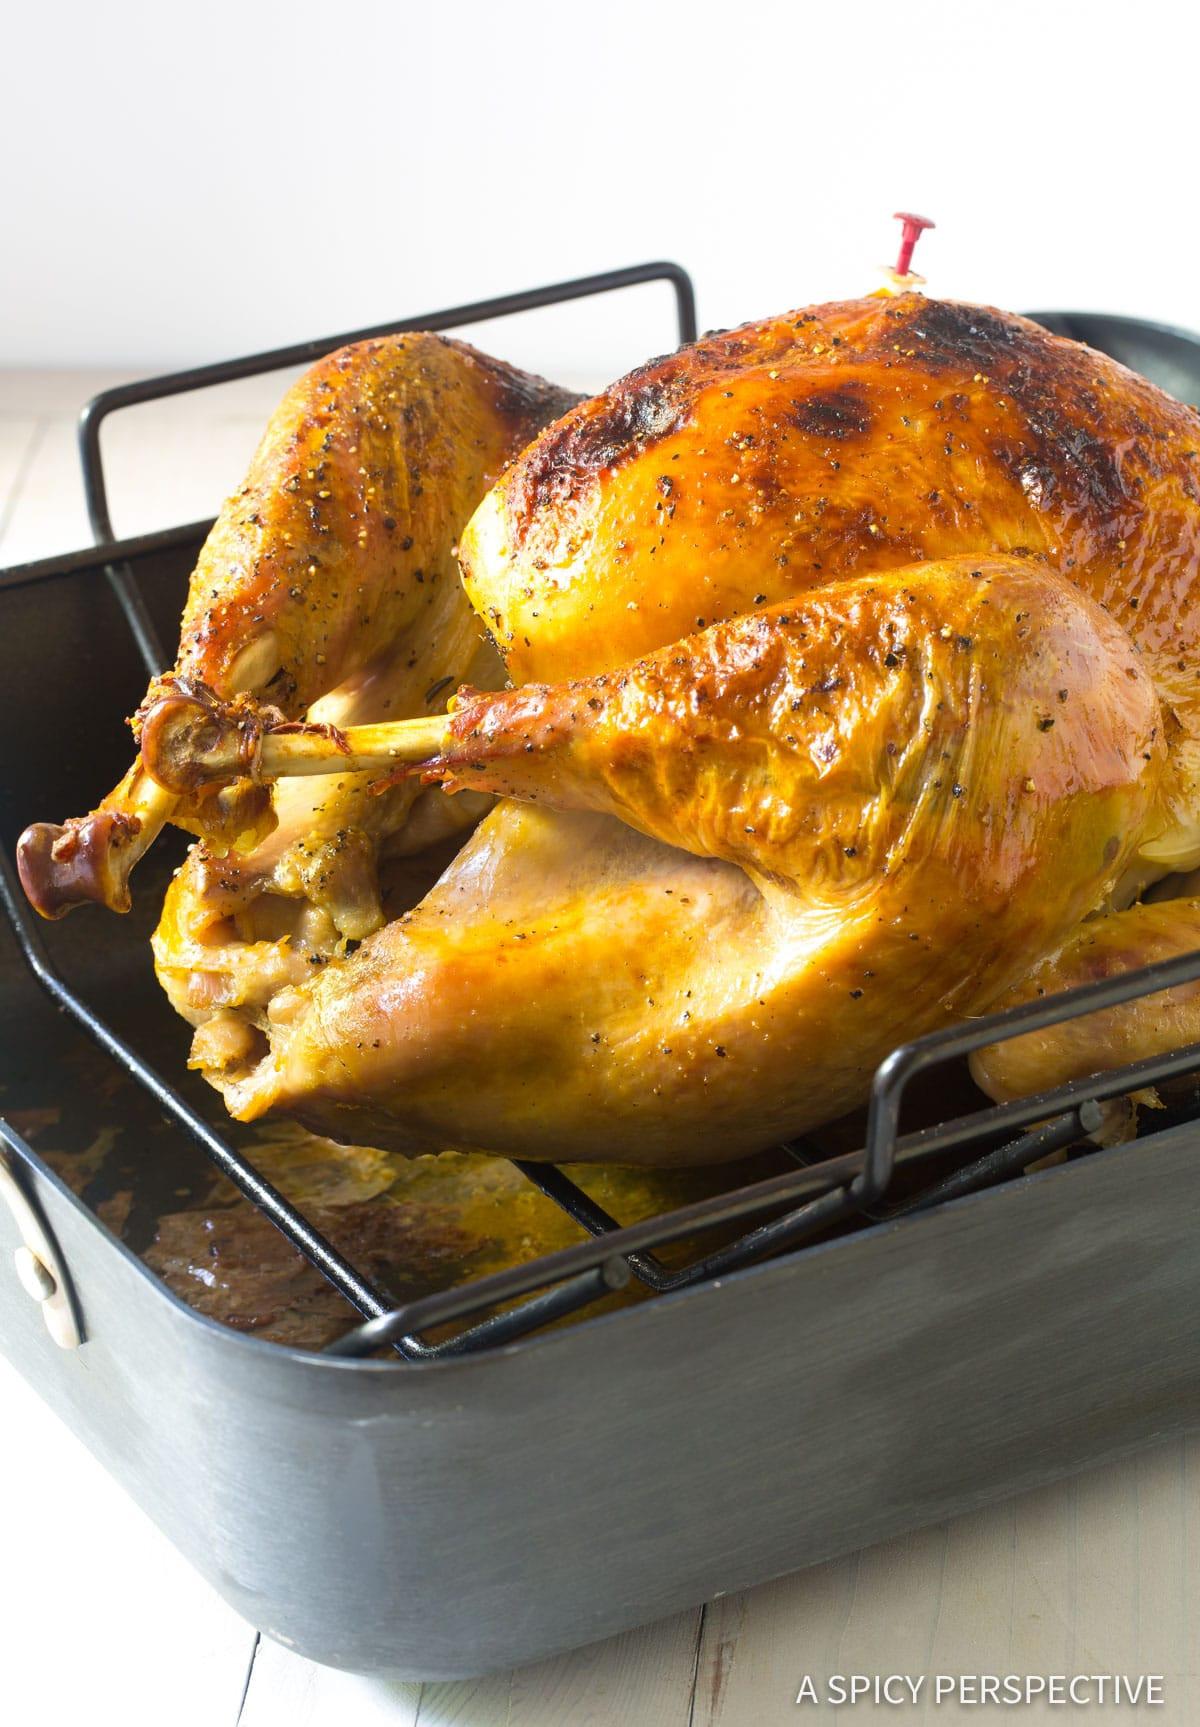 Brining Turkey Recipes Thanksgiving  Best Turkey Brine Recipe A Spicy Perspective